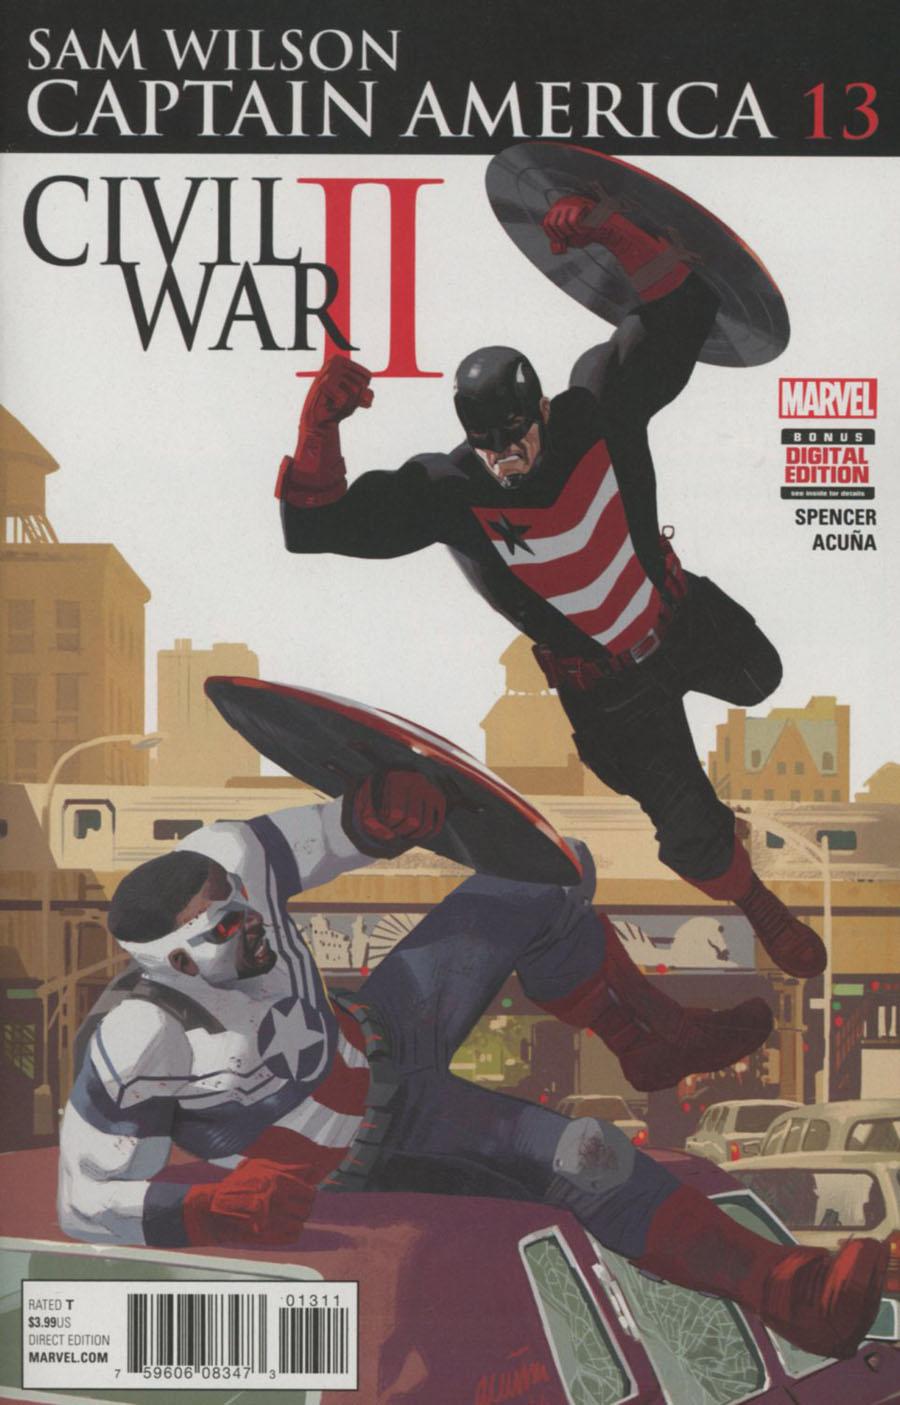 Captain America Sam Wilson #13 Cover A Regular Daniel Acuna Cover (Civil War II Tie-In)